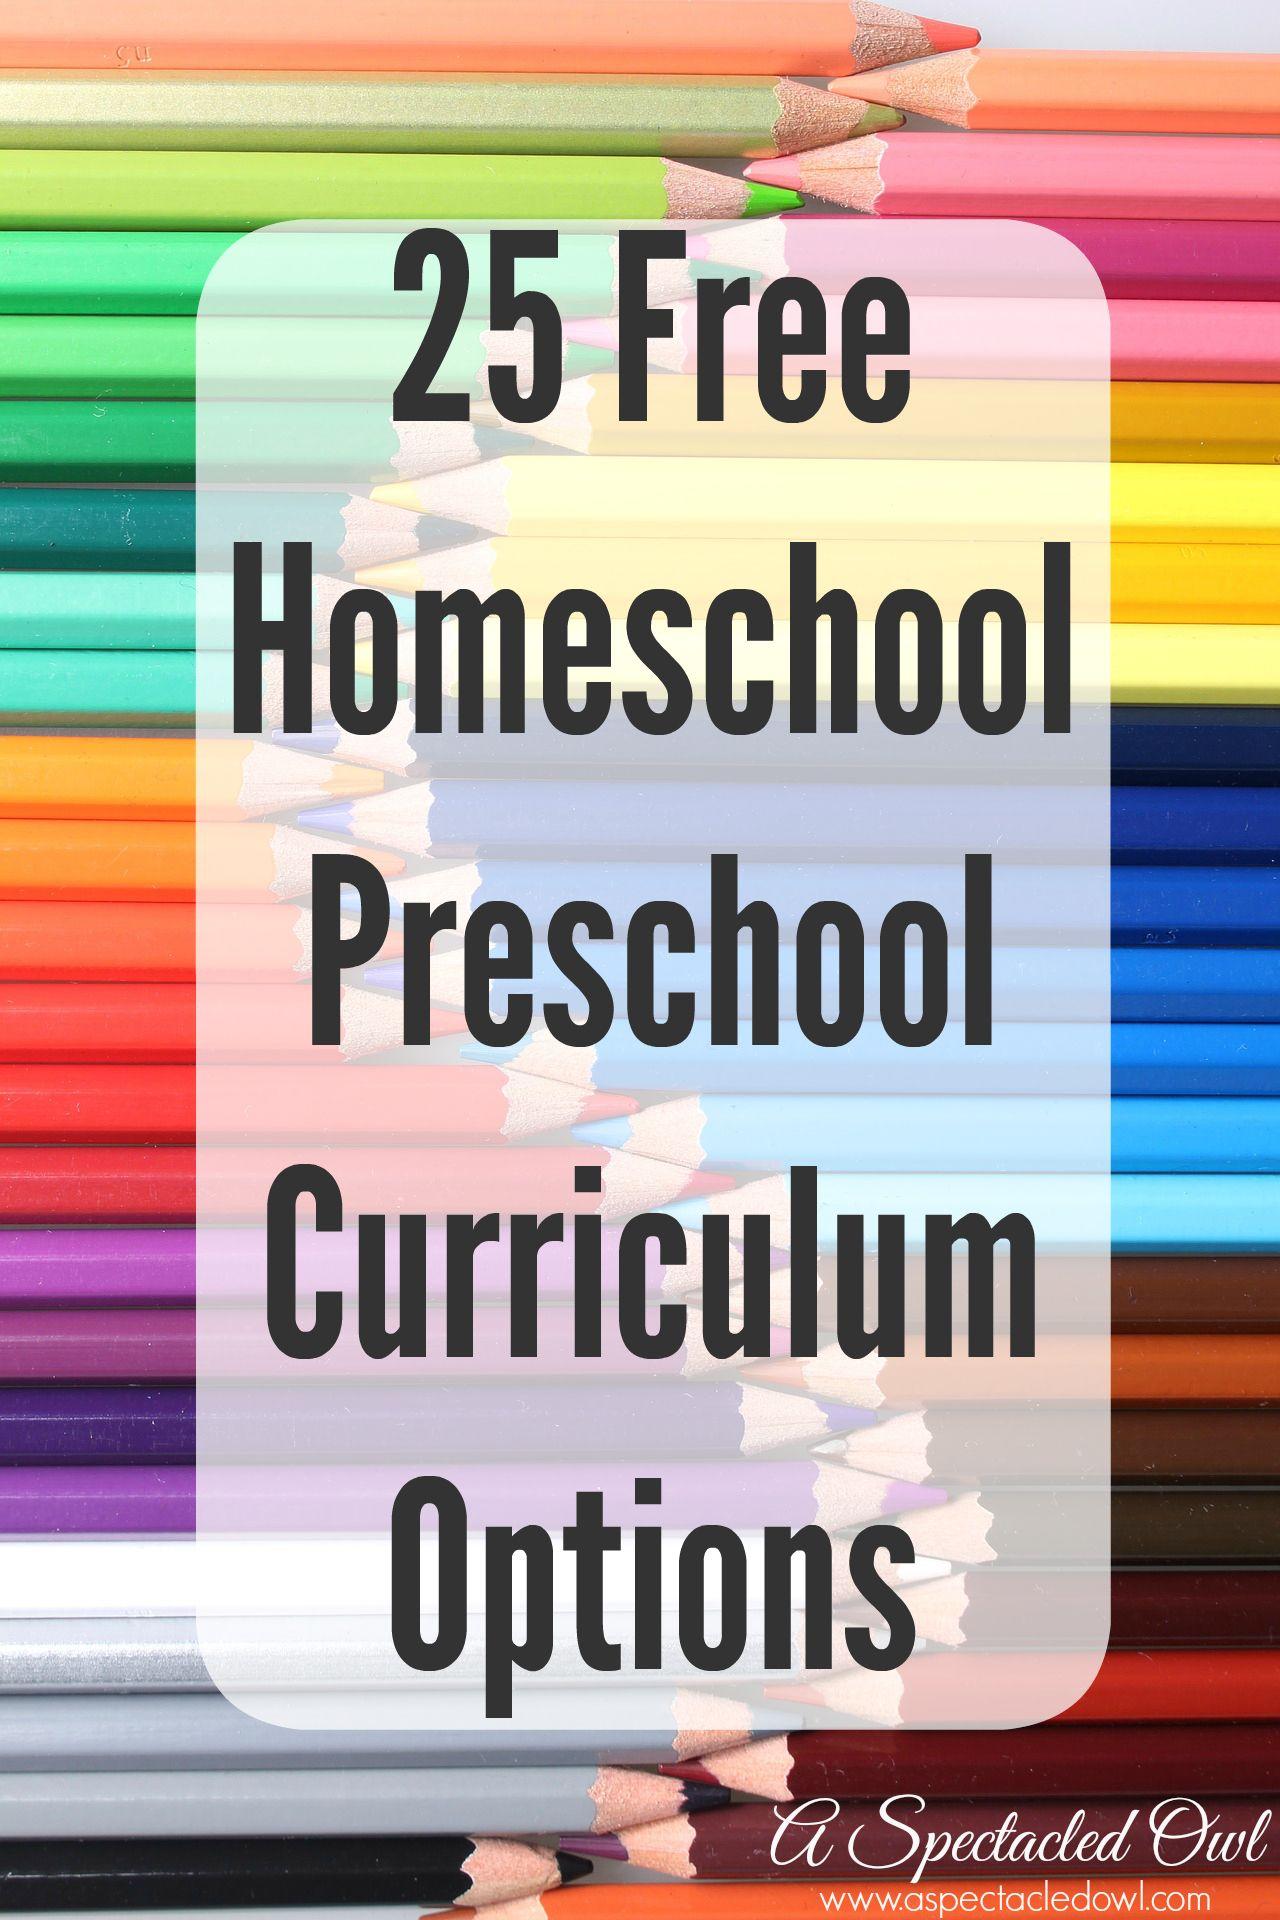 25 Free Homeschool Preschool Curriculum Options In